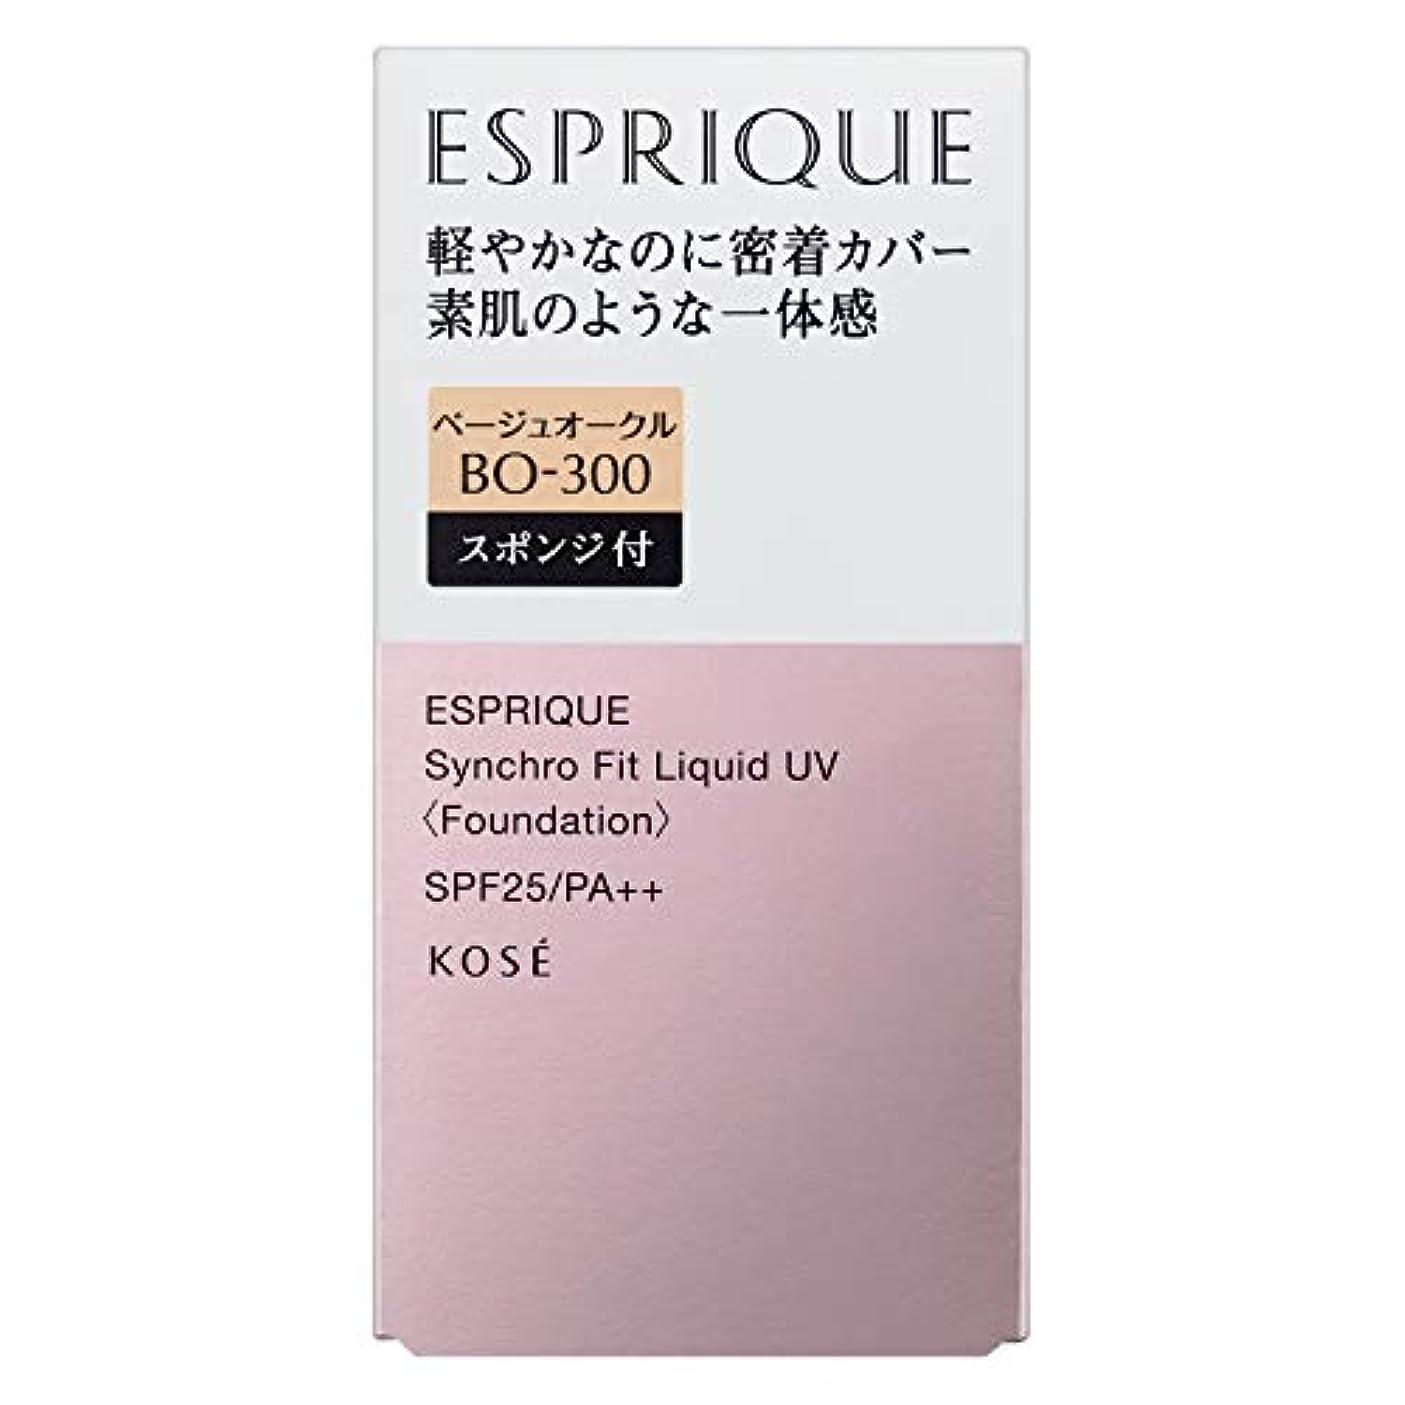 意気揚々服速記ESPRIQUE(エスプリーク) エスプリーク シンクロフィット リキッド UV ファンデーション 無香料 BO-300 ベージュオークル 30g